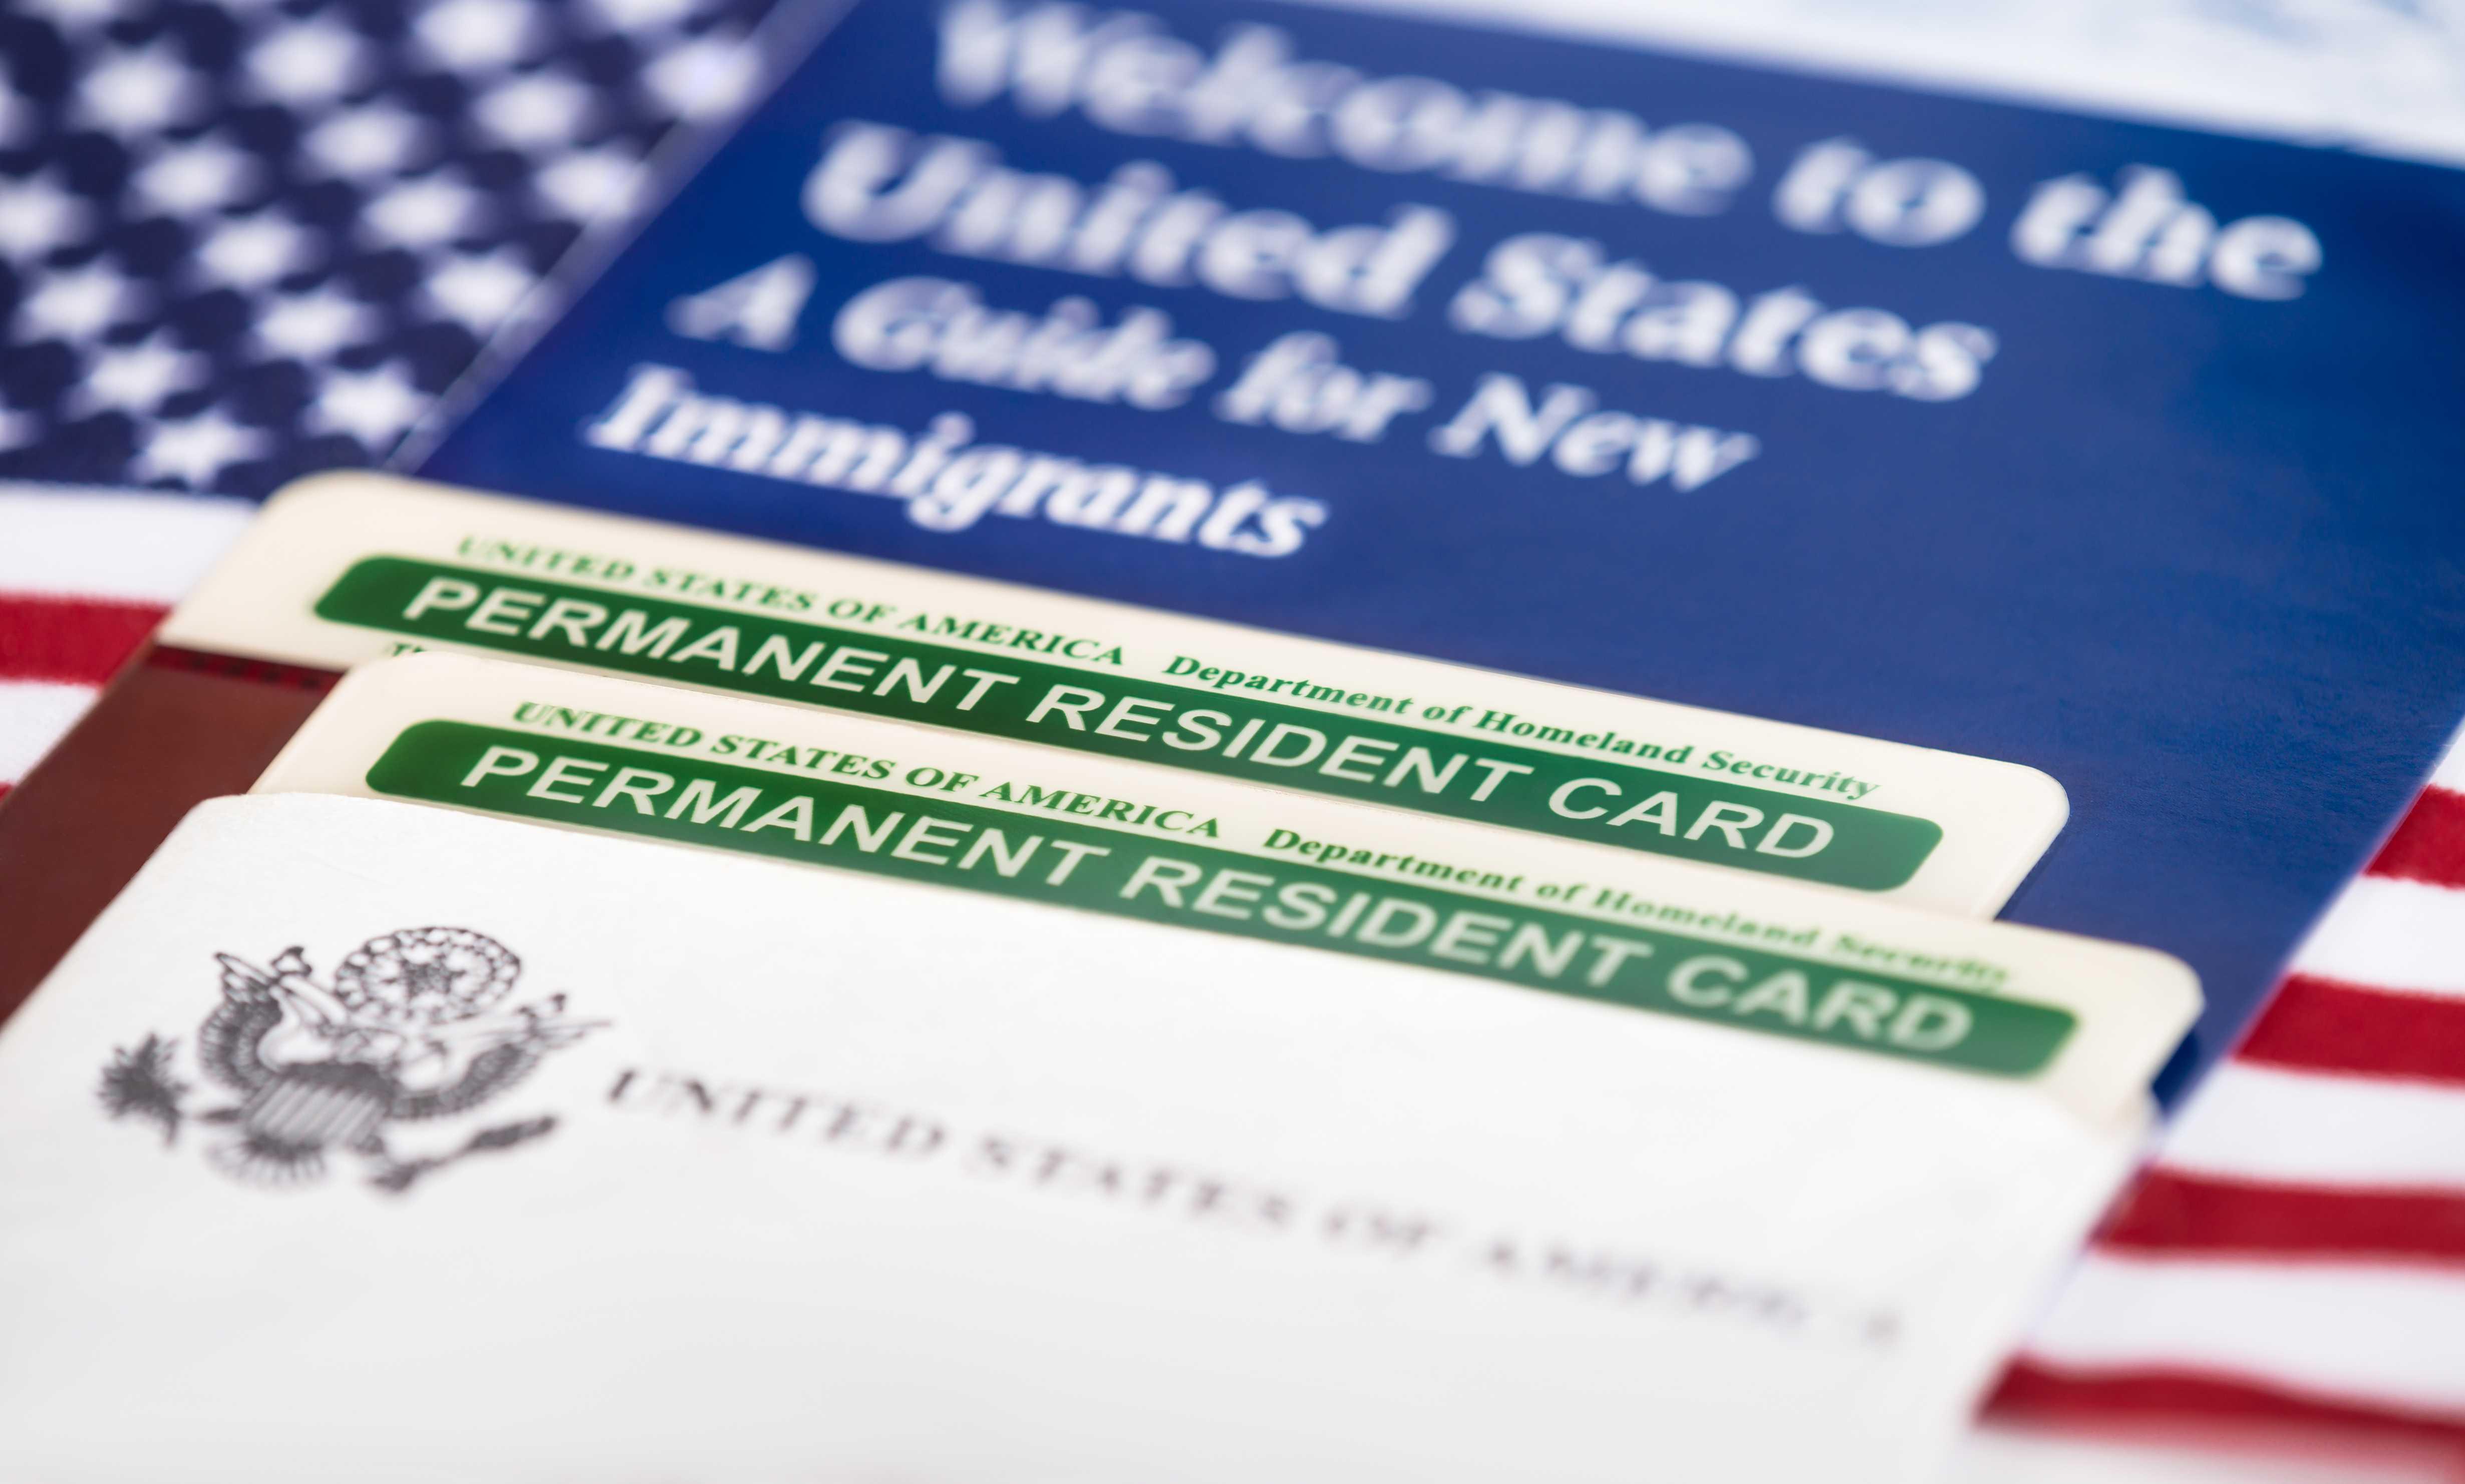 USA: n vihreän kortin arpajaiset: korttien vetämisen ehdot, miten voittaa vihreän kortin arpajaisissa 2019-2020